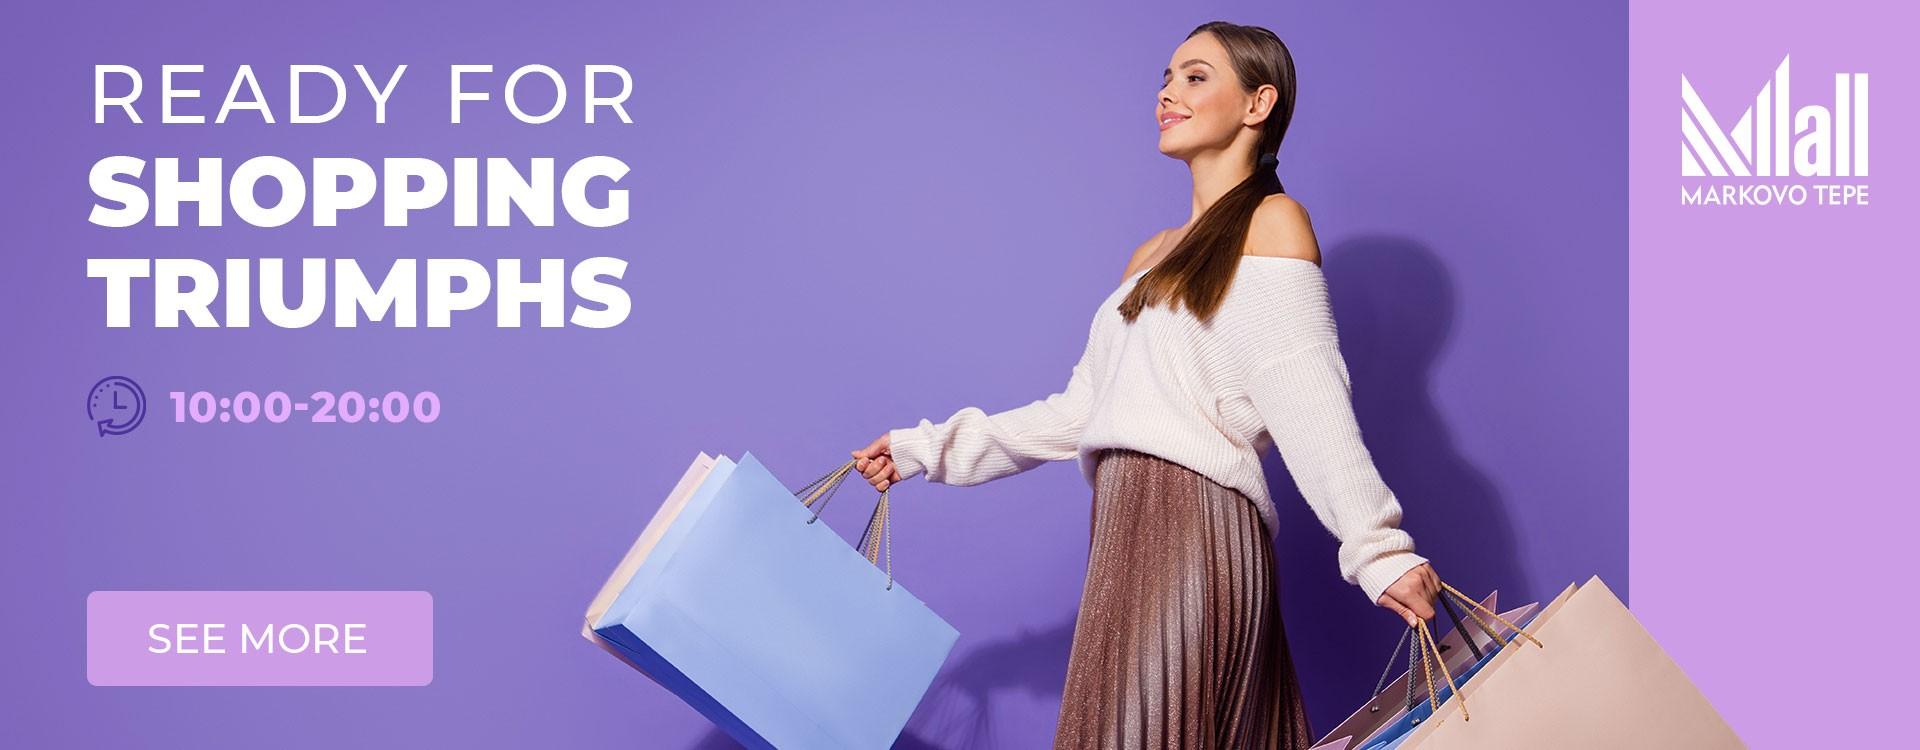 Shoping-zavoevaniq_slider_EN_1920x660